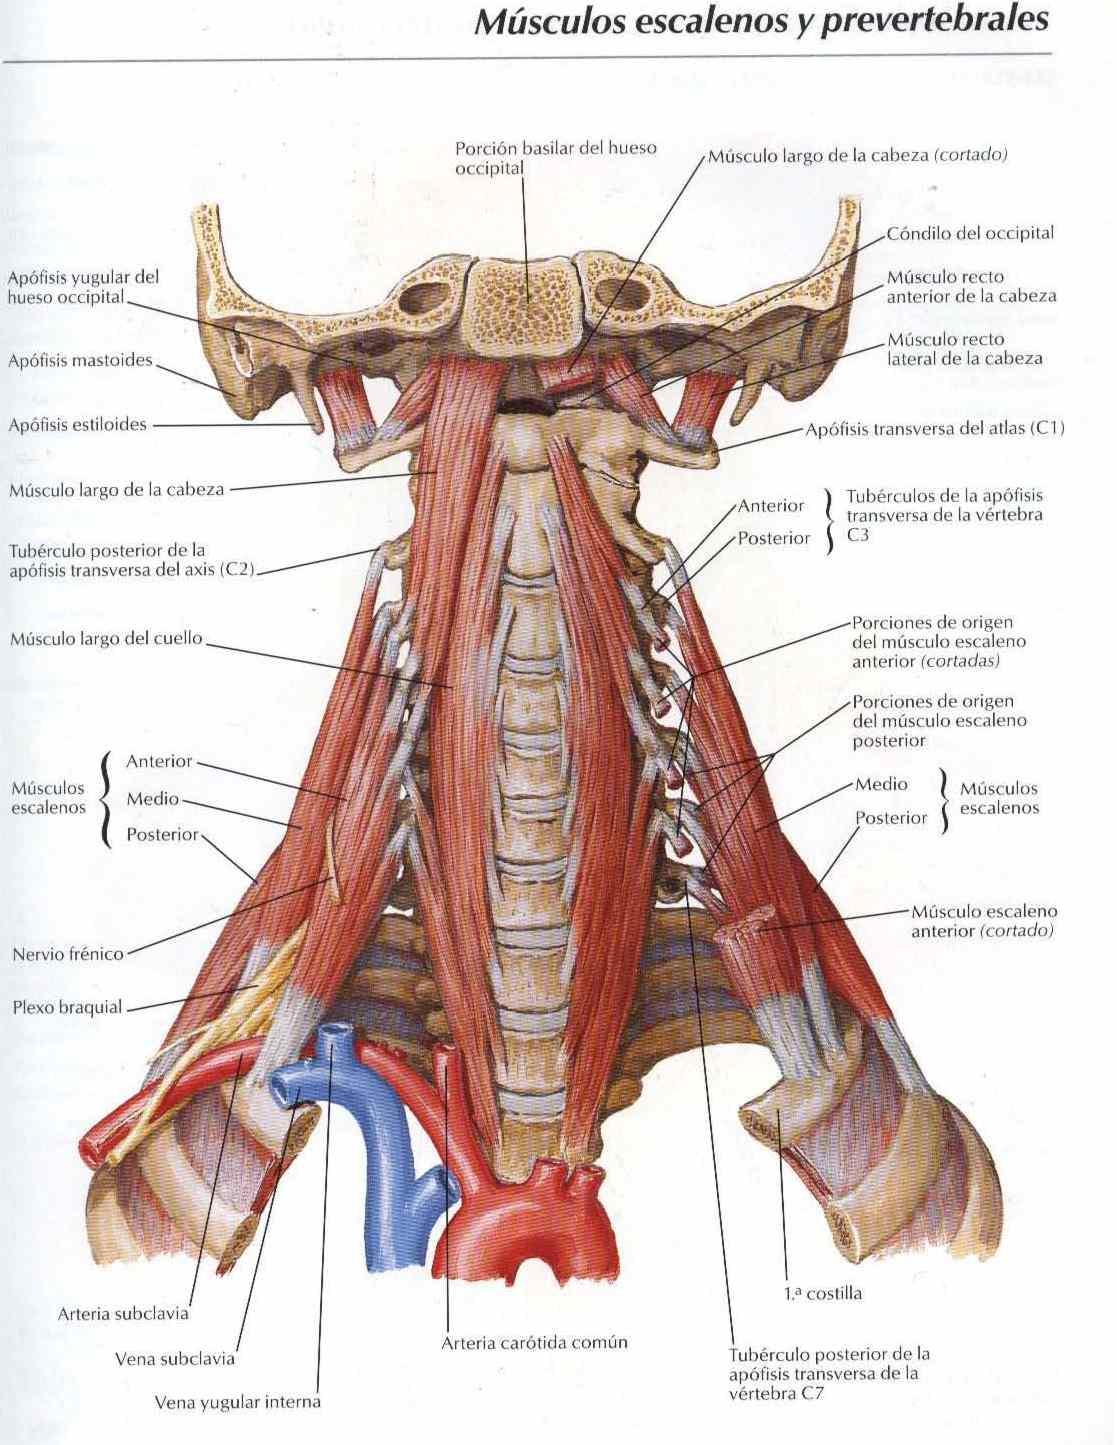 Atlas, anatomía: Músculos escalenos y prevertebrales - Salud, vida ...